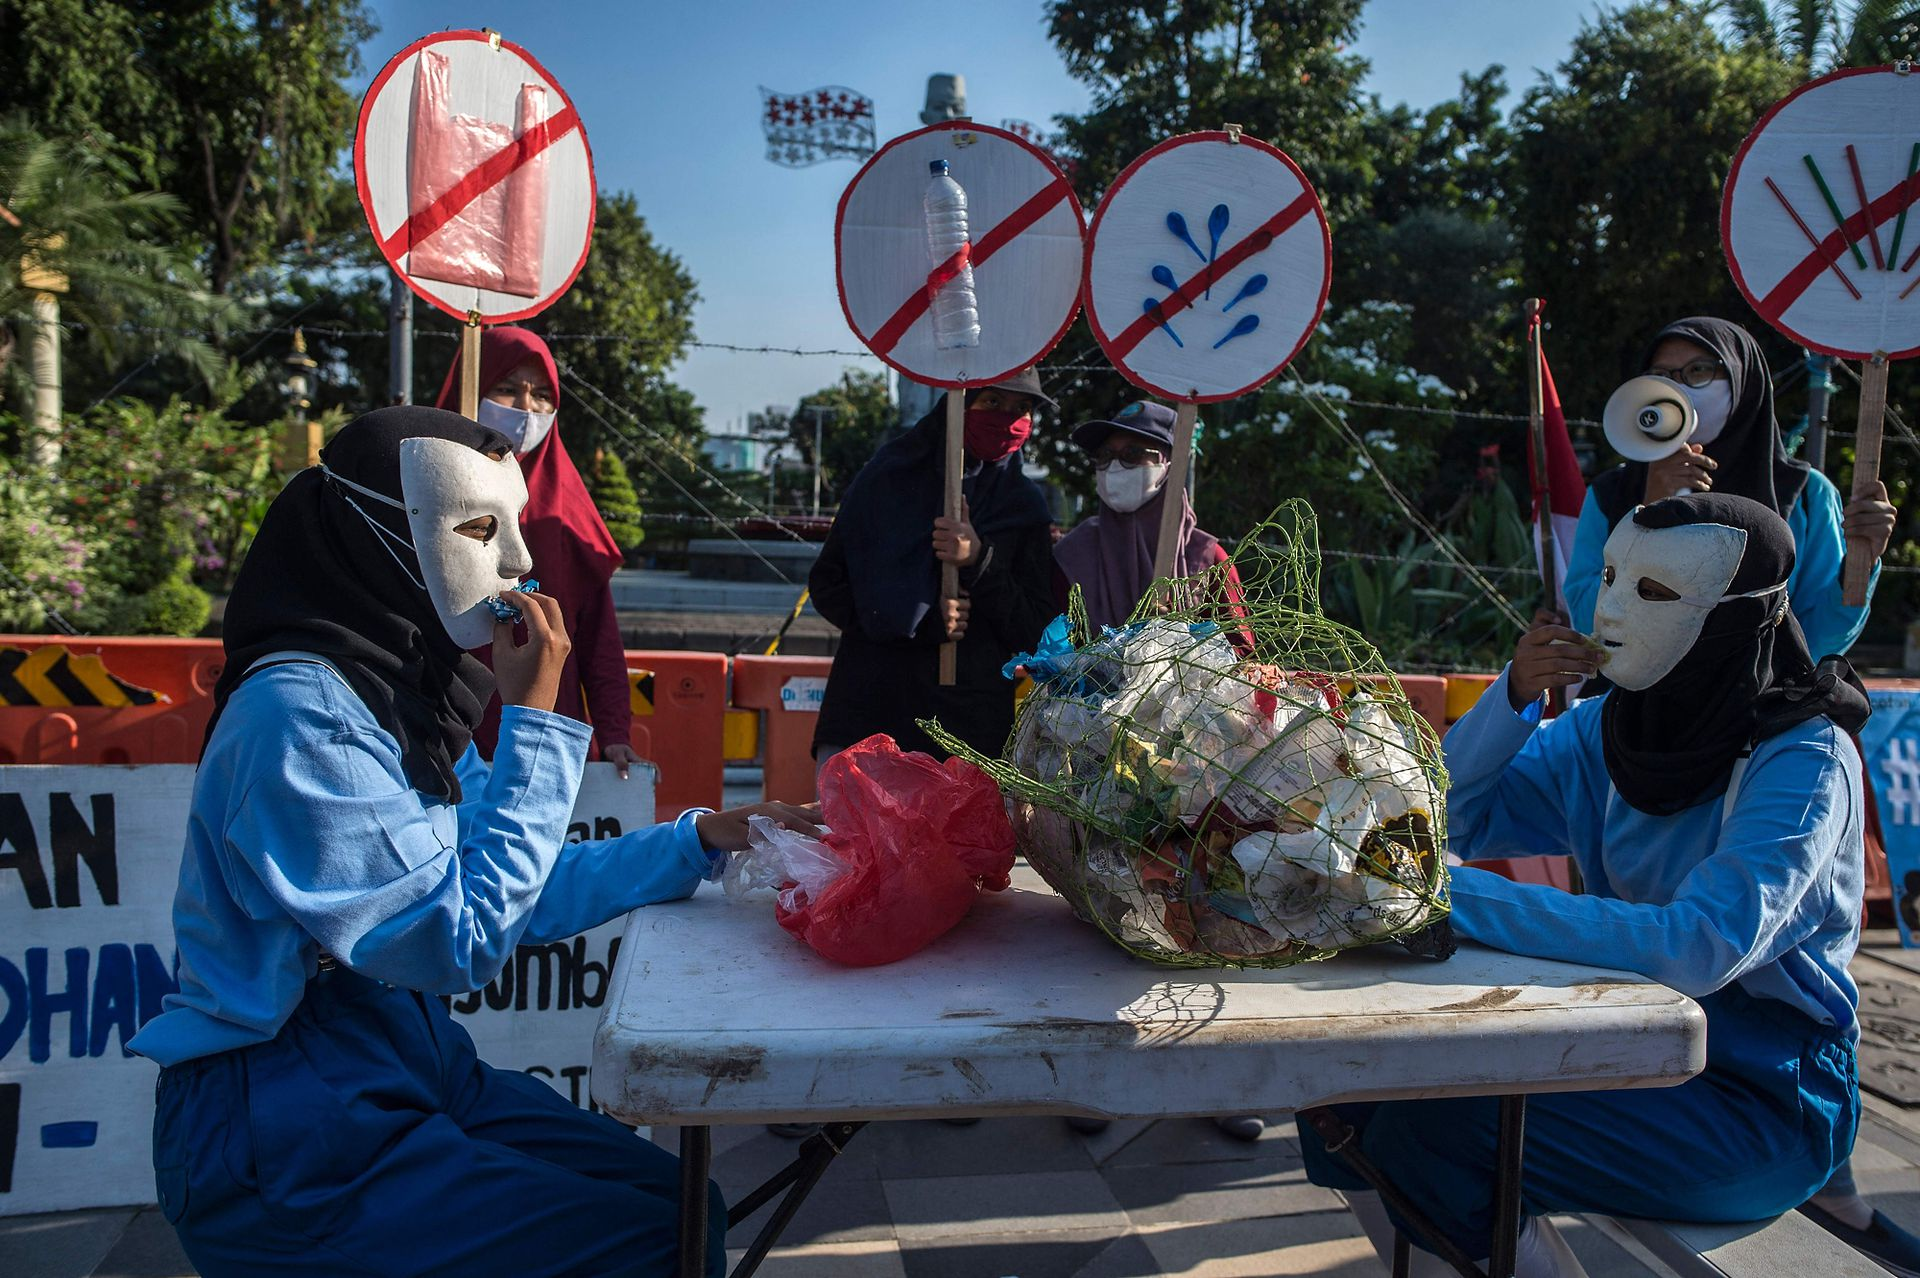 En el Día de la Tierra se realizan manifestaciones contra el cambio climático en todo el mundo;  un grupo de ambientalistas protesta en Surabaya, Indonesia